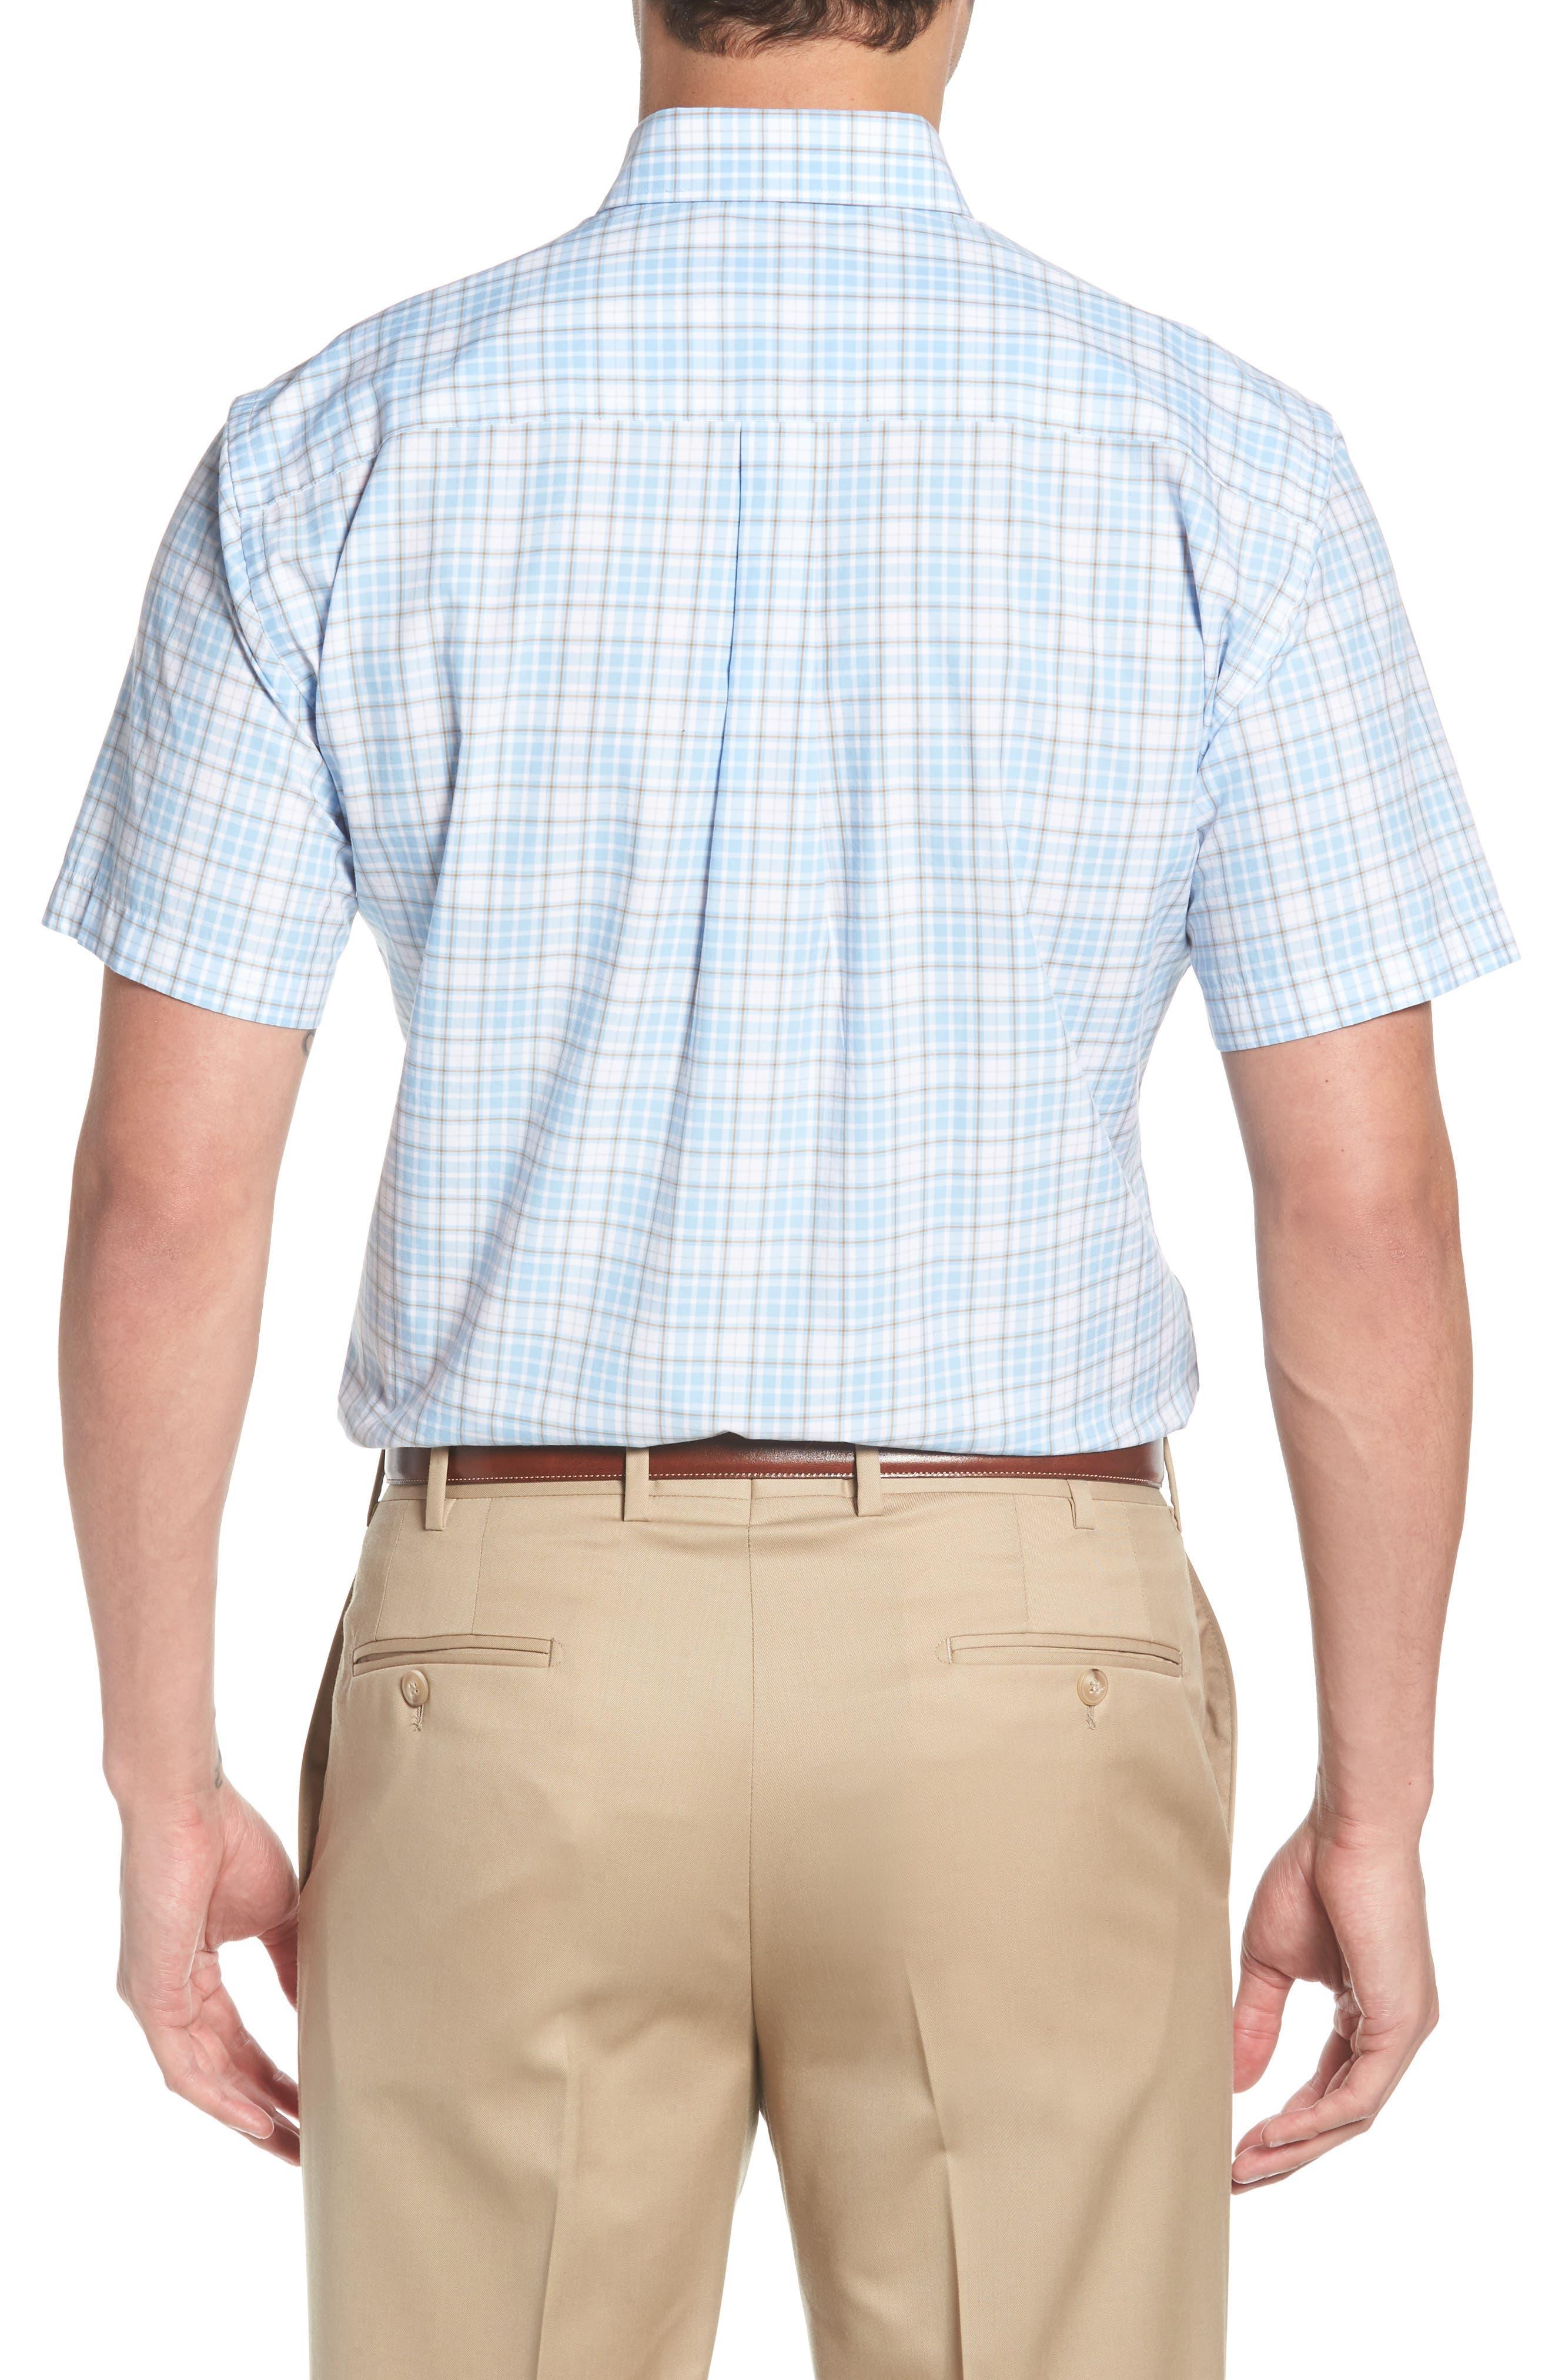 PETER MILLAR,                             Belltown Regular Fit Tartan Sport Shirt,                             Alternate thumbnail 2, color,                             400